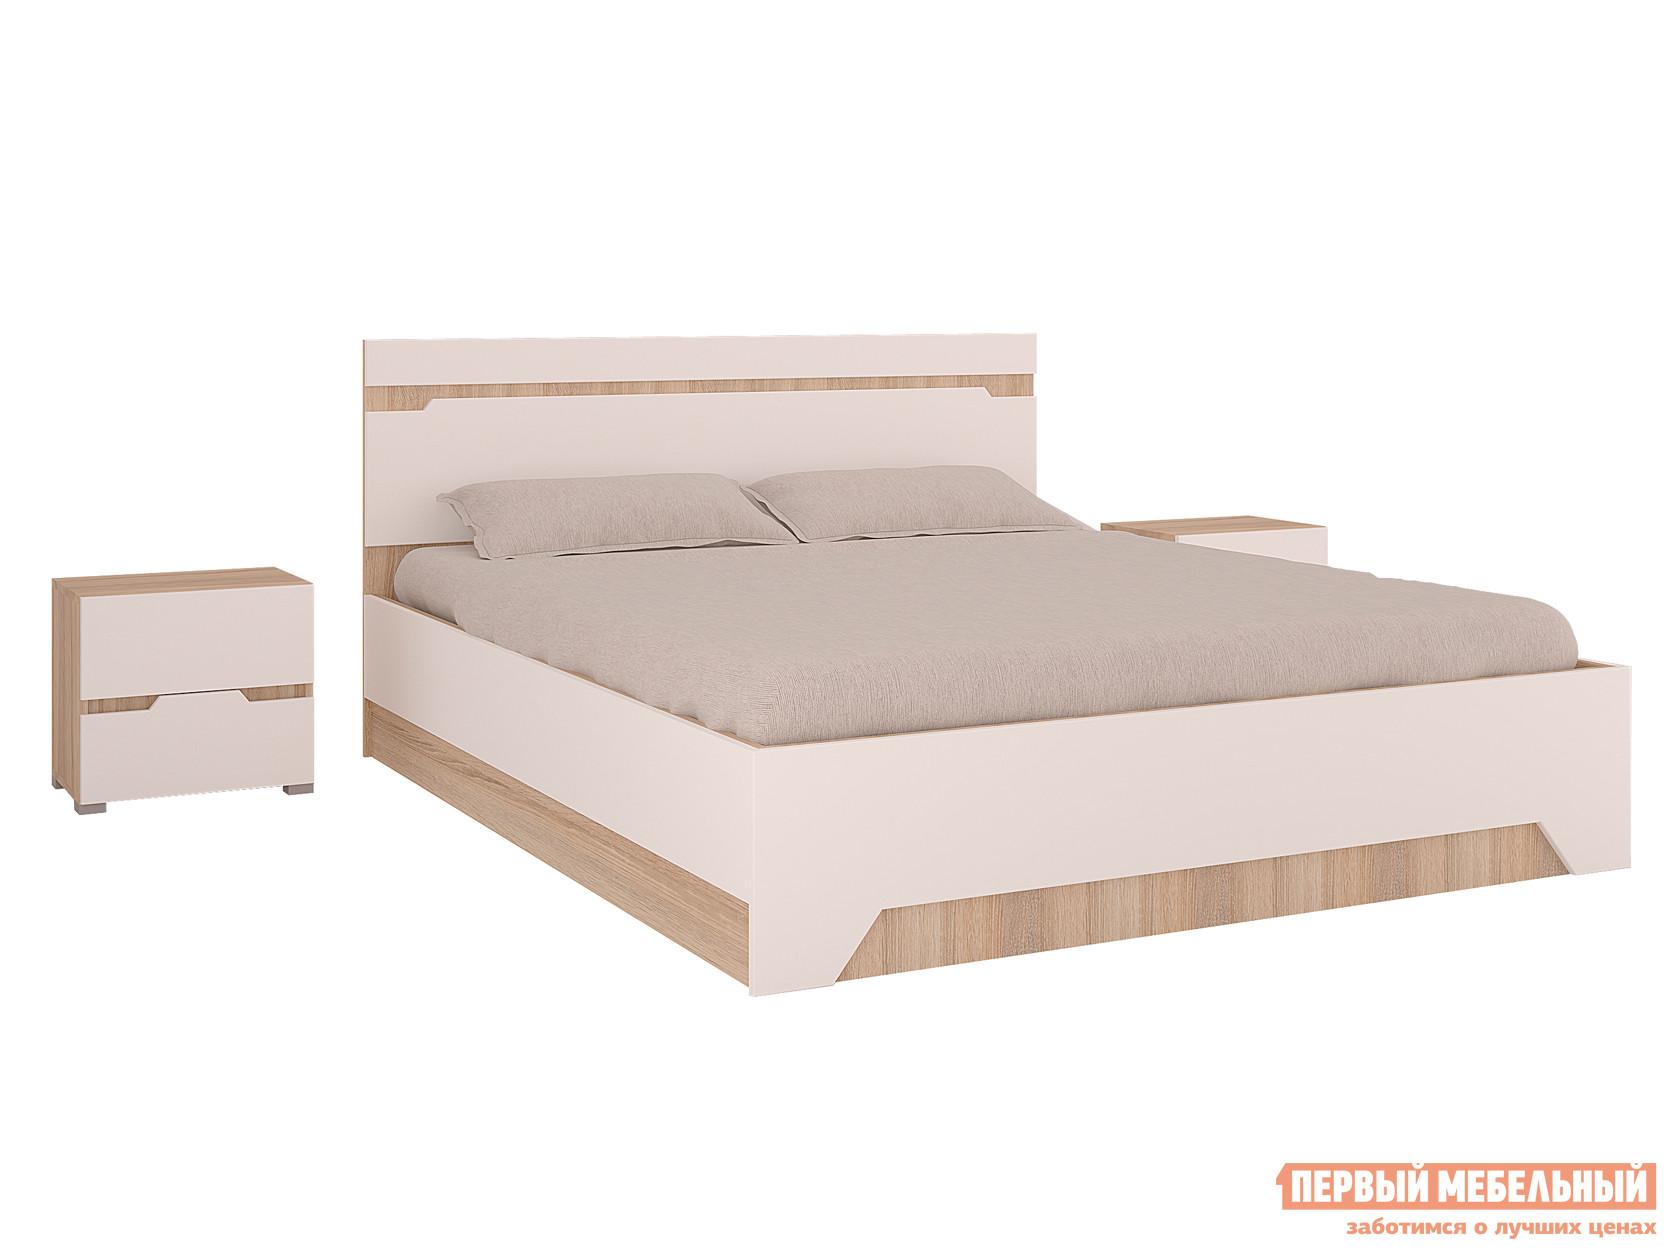 цены Двуспальная кровать Первый Мебельный Кровать Анталия с ПМ